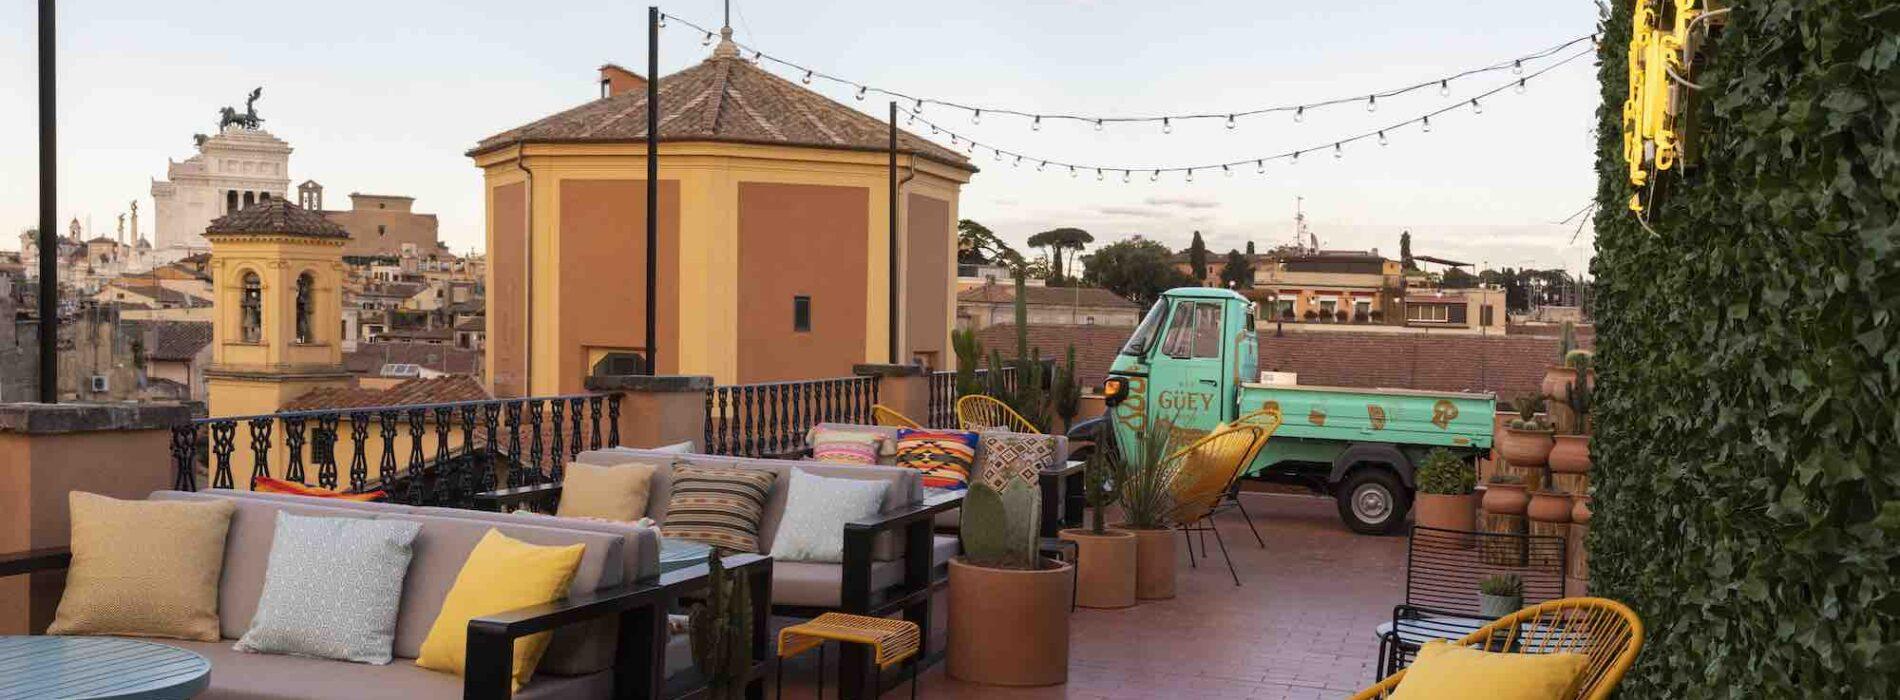 Hey Güey Roma, cucina messicana e mixology nella nuova terrazza dell'Hotel Chapter